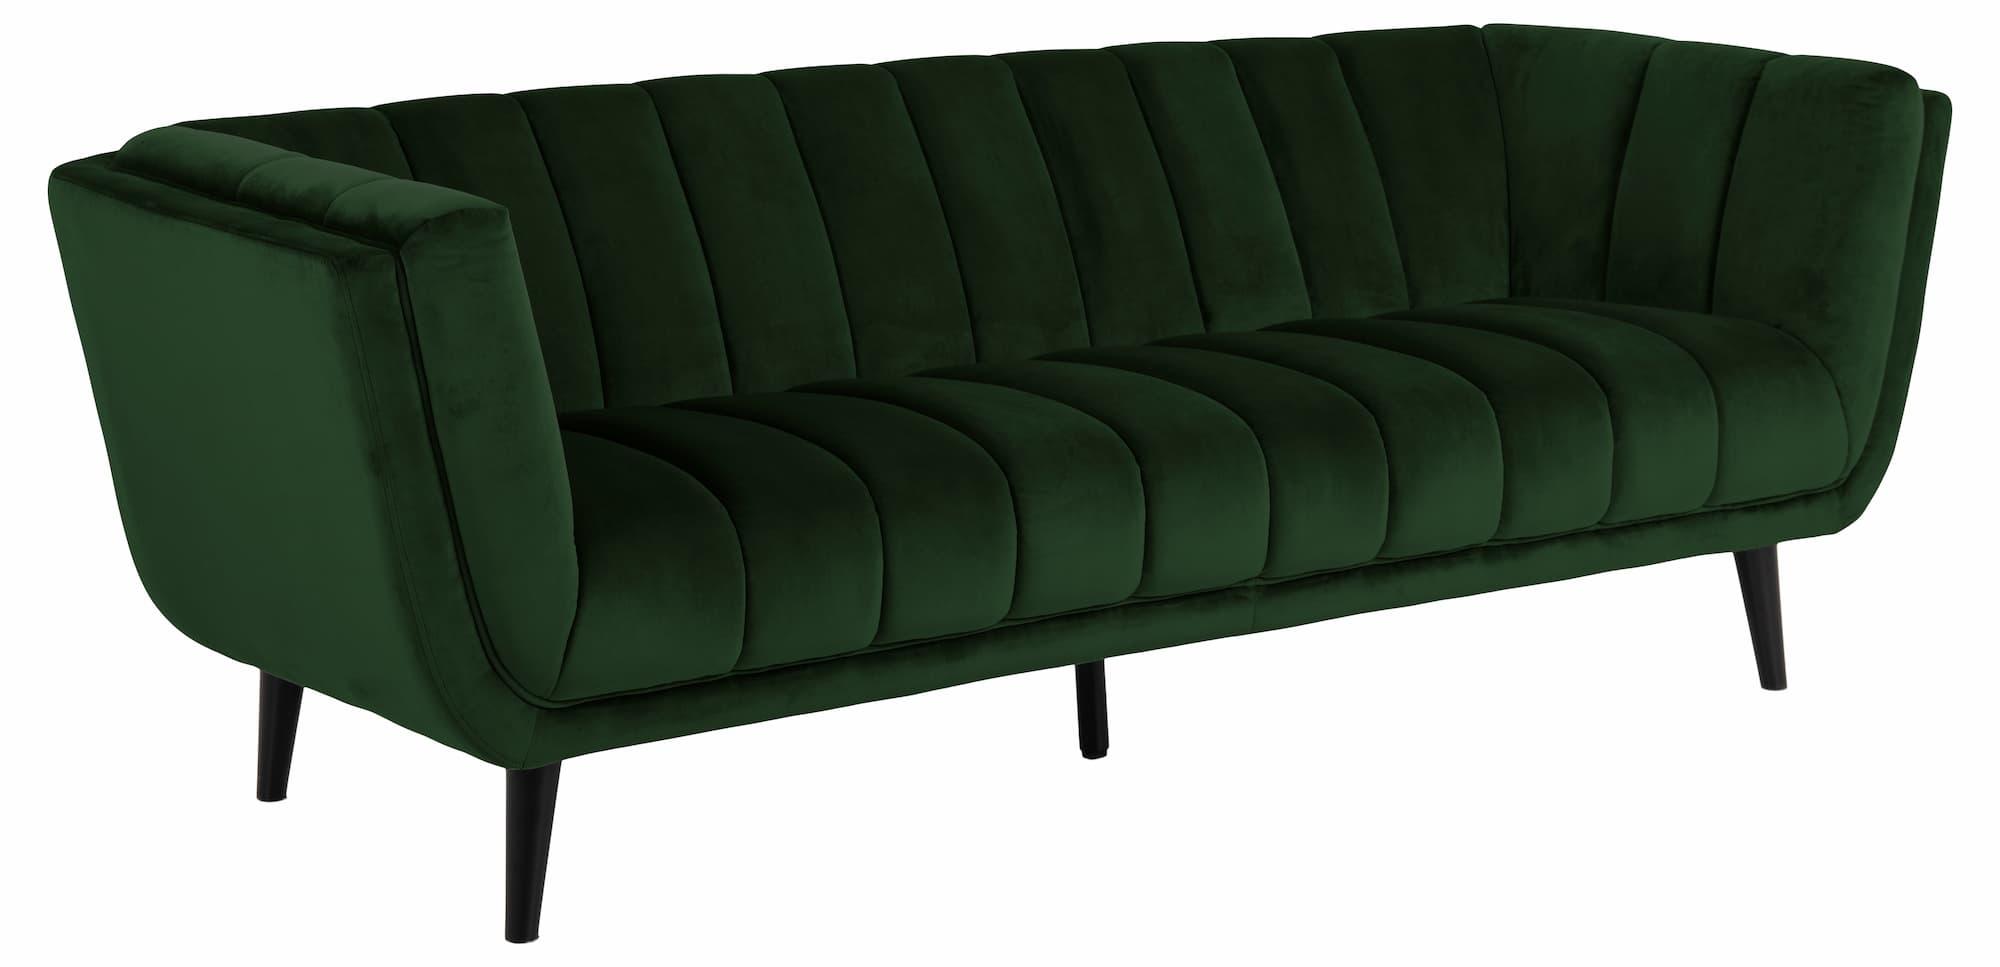 Canapea fixa tapitata cu stofa, 3 locuri Tampa Velvet Verde, l219,5xA86,5xH76,5 cm